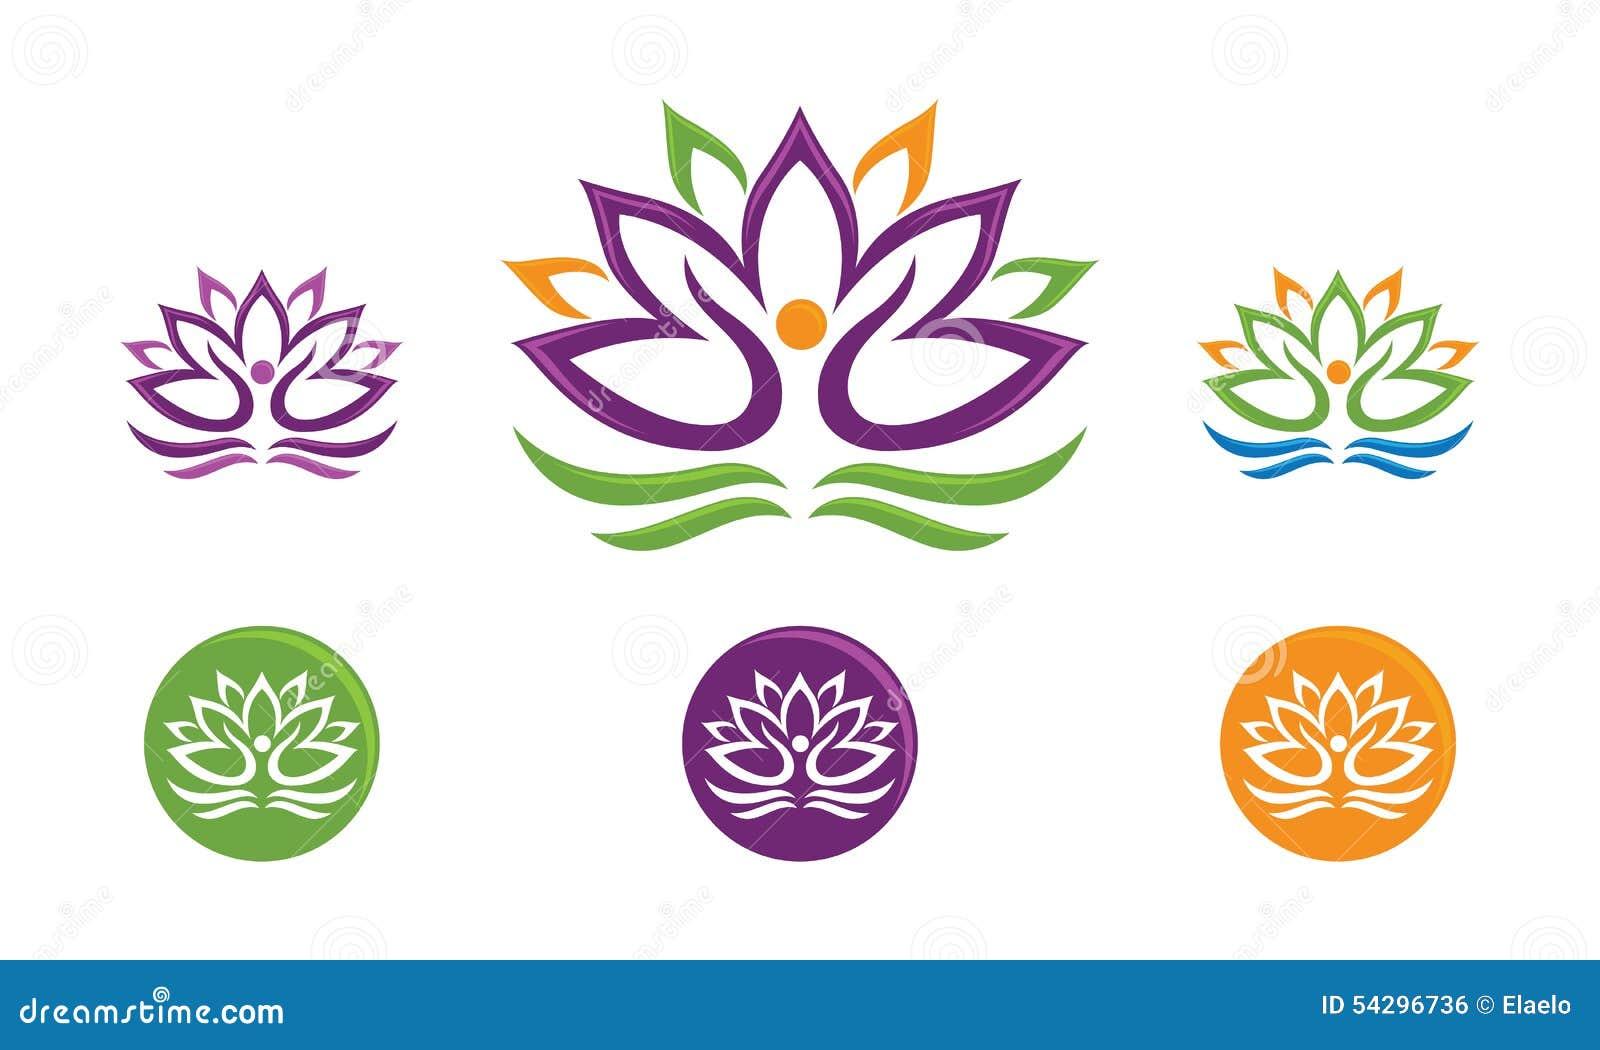 Lotus Flower Logo Stock Vector Illustration Of Business 54296736